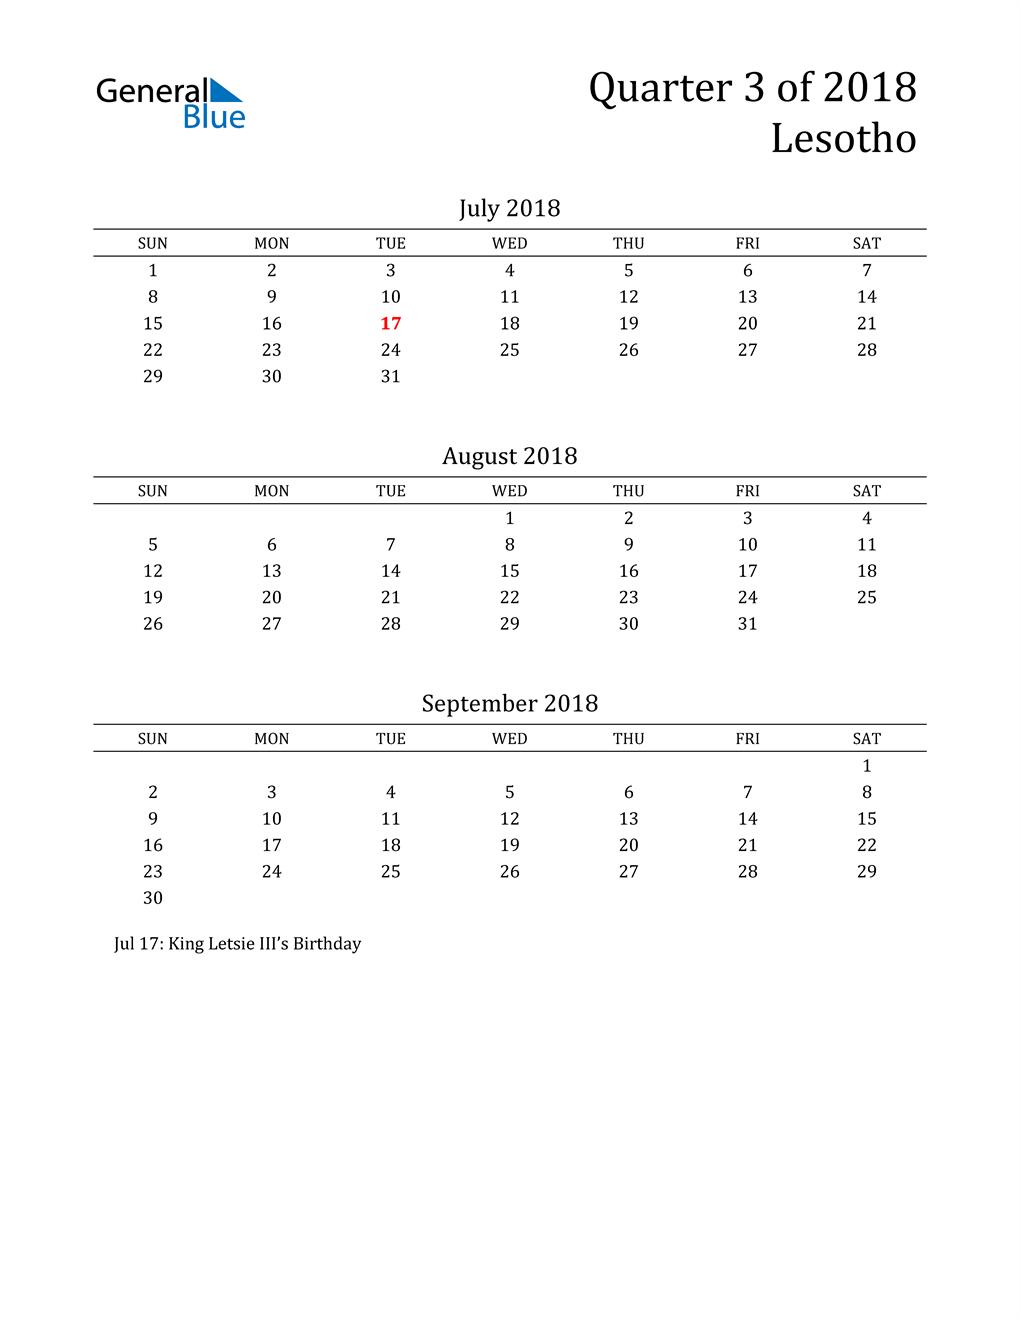 2018 Lesotho Quarterly Calendar